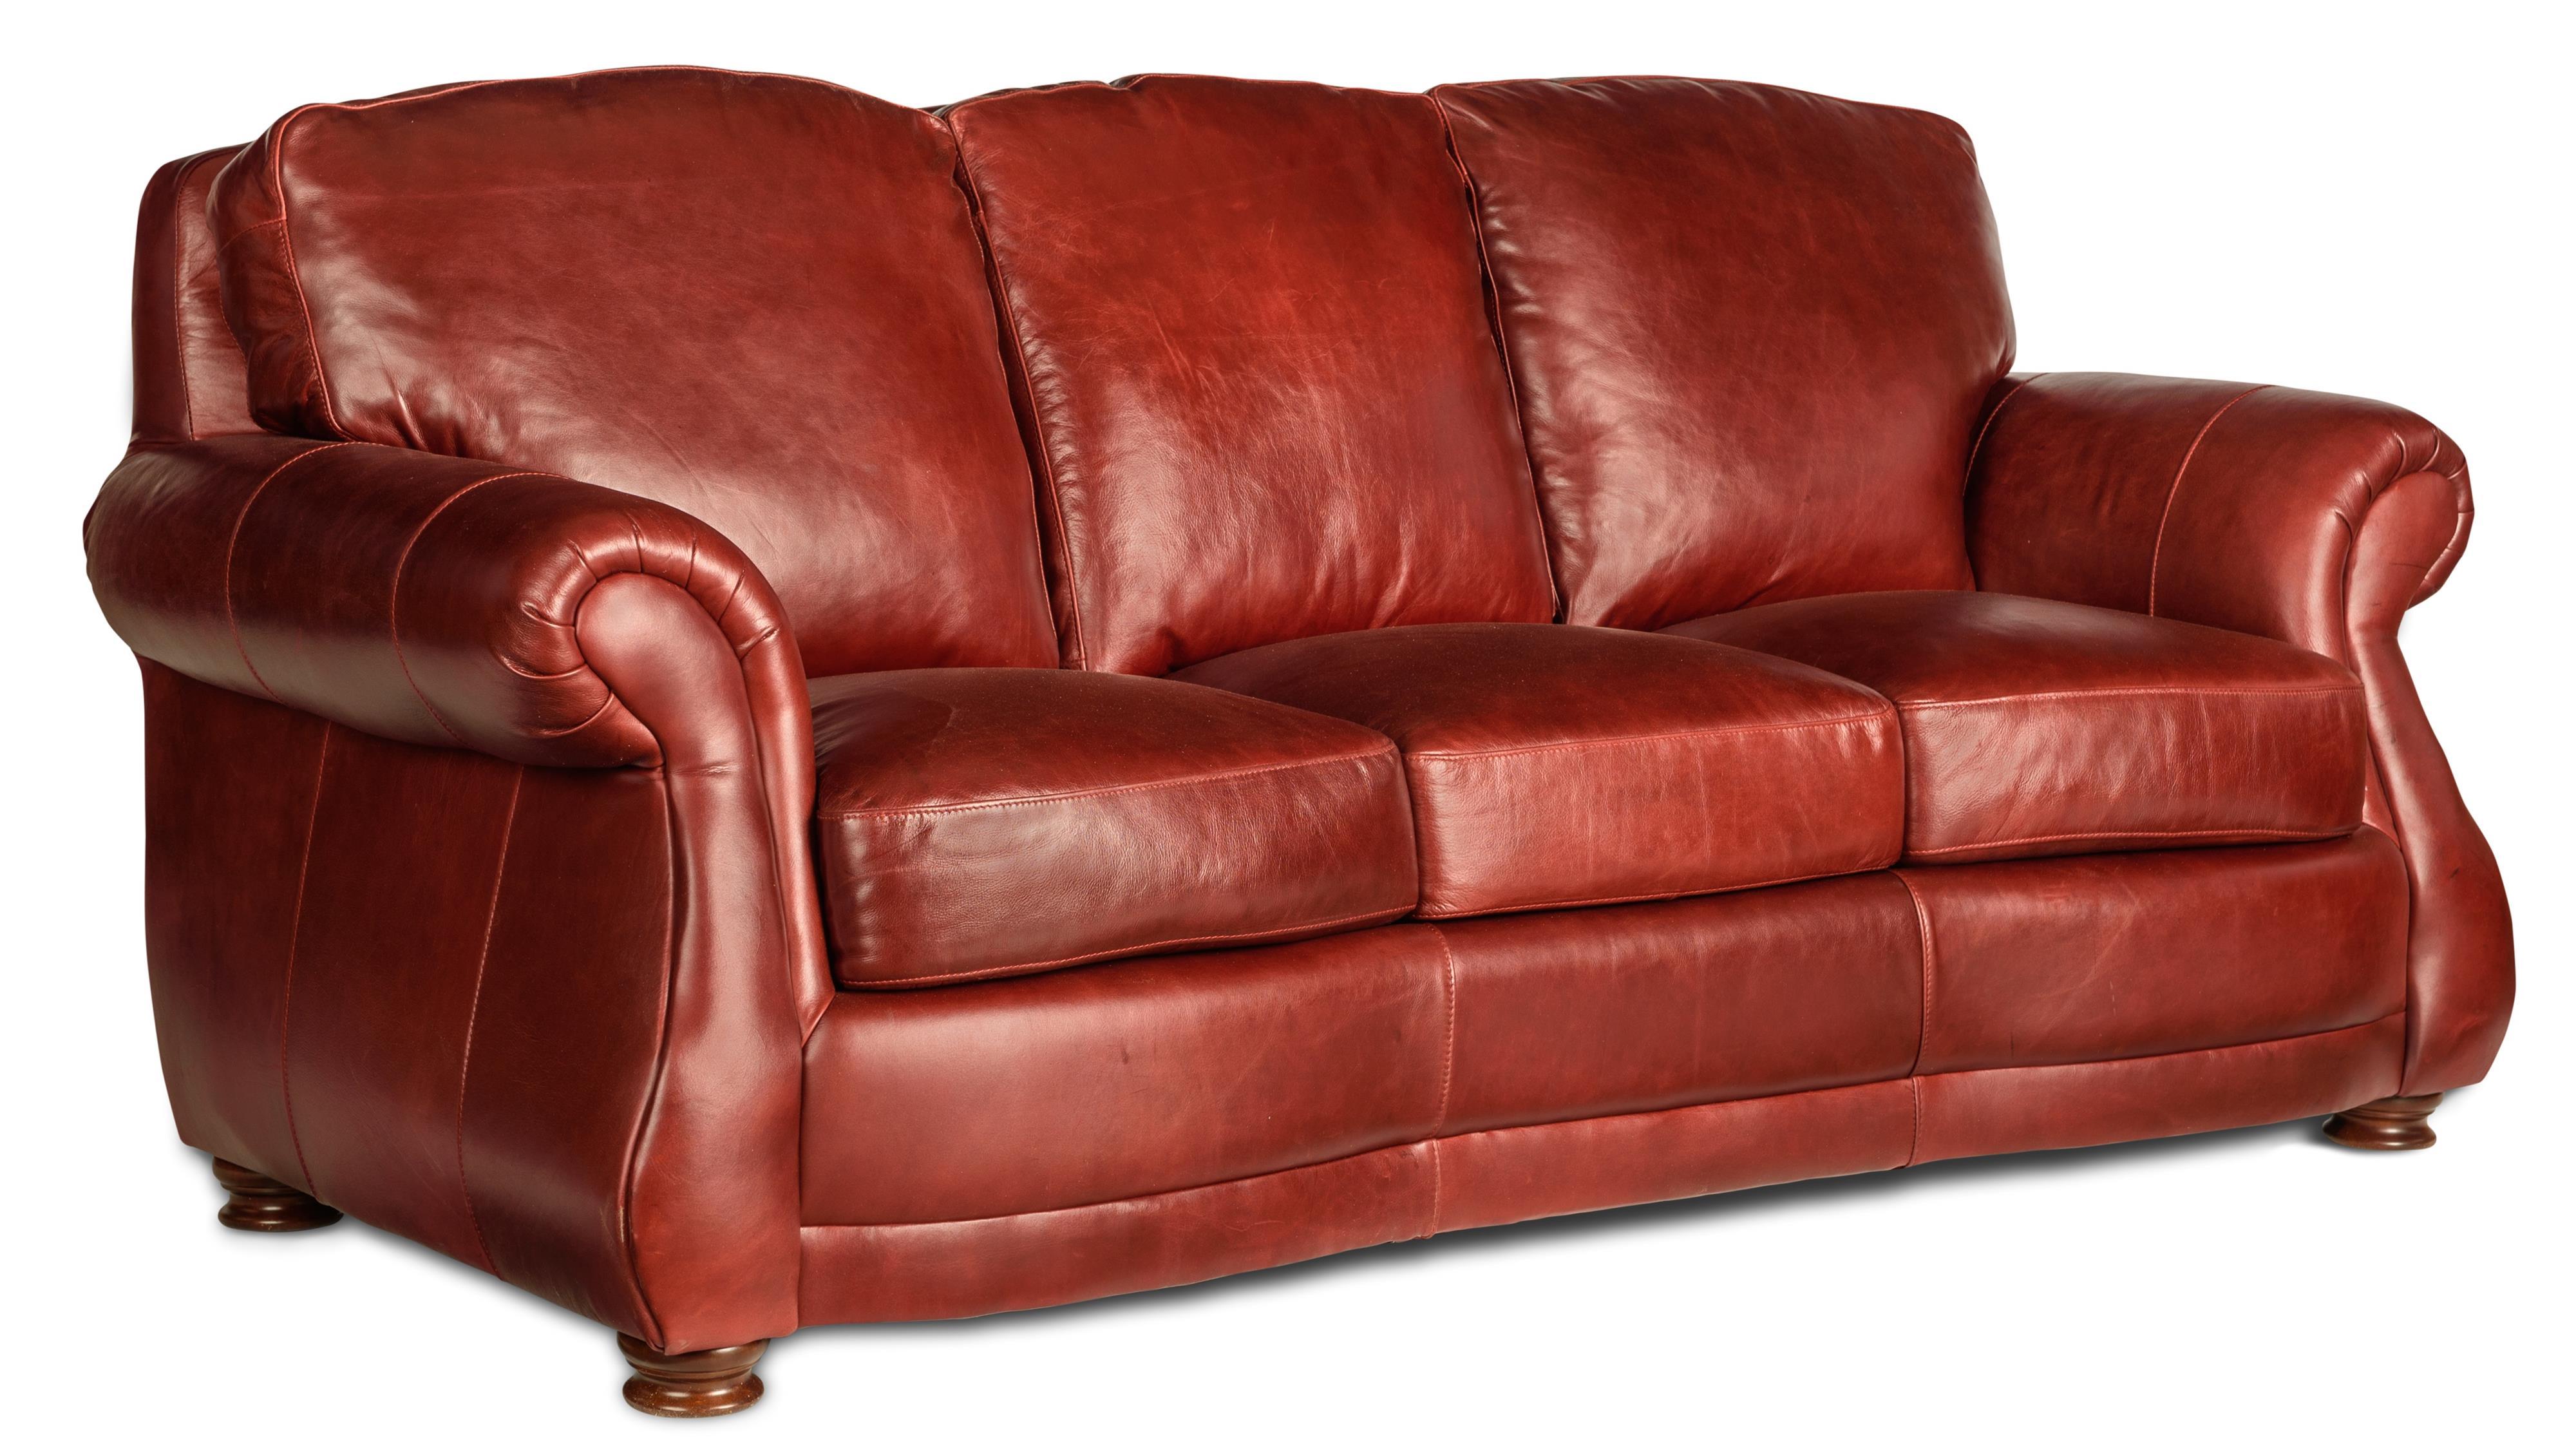 Traditional Leather Sofas hmmi